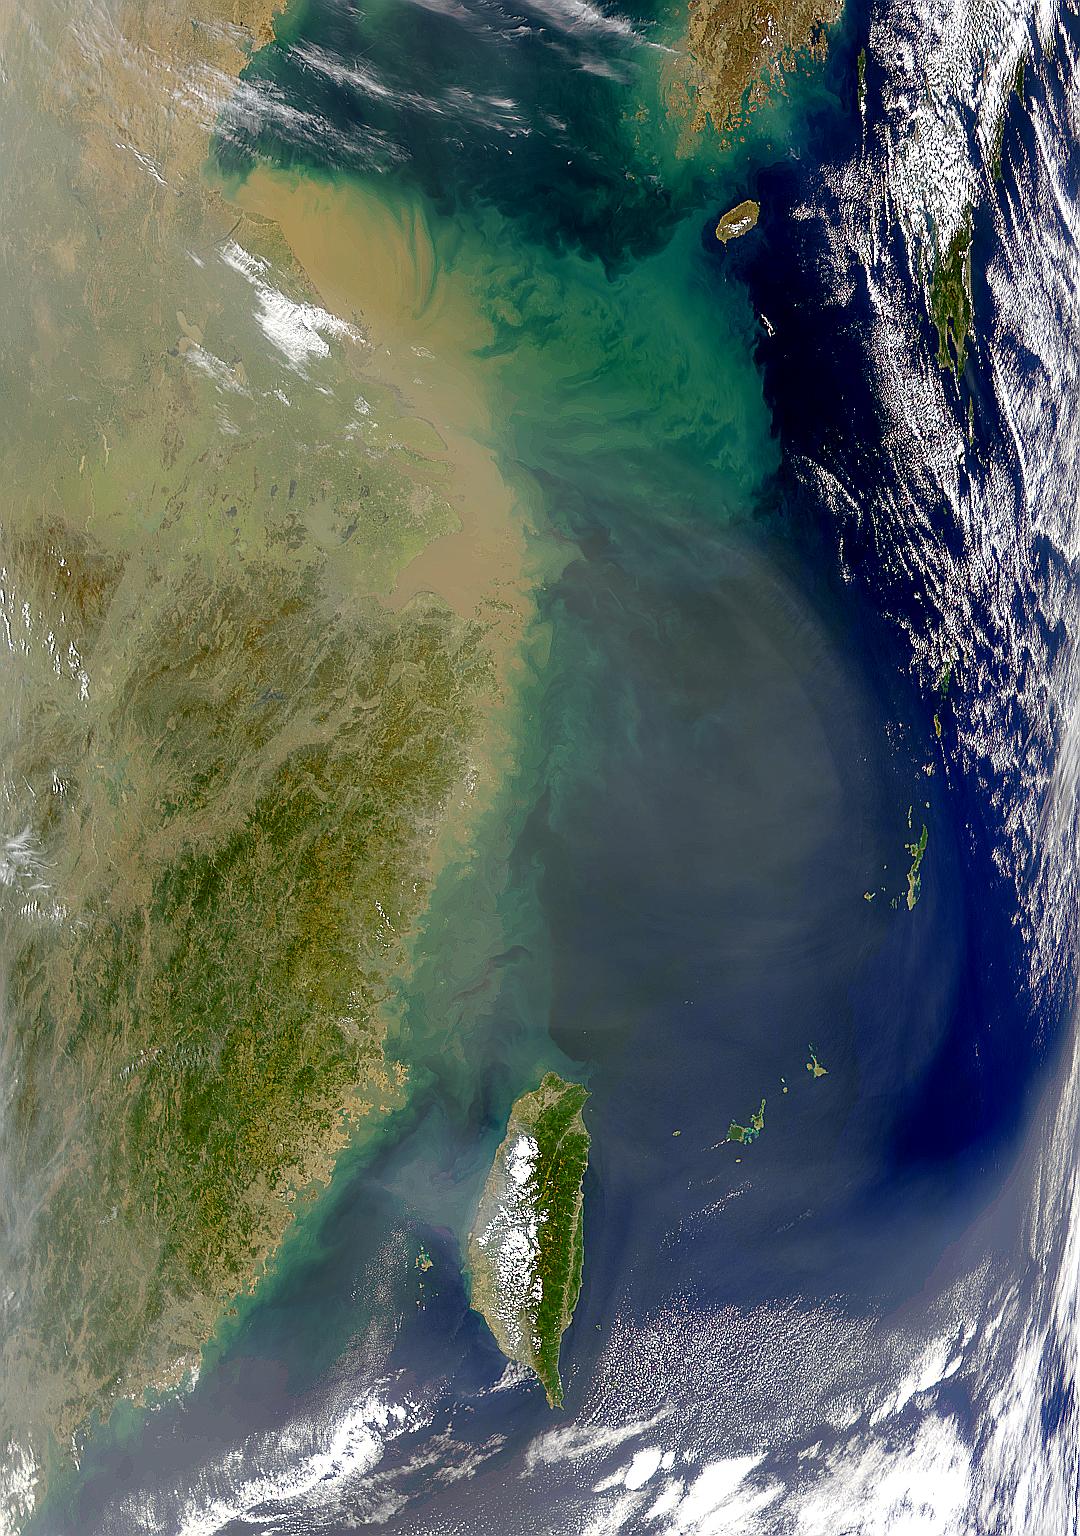 Polvareda chino en el aire y lodo en el agua